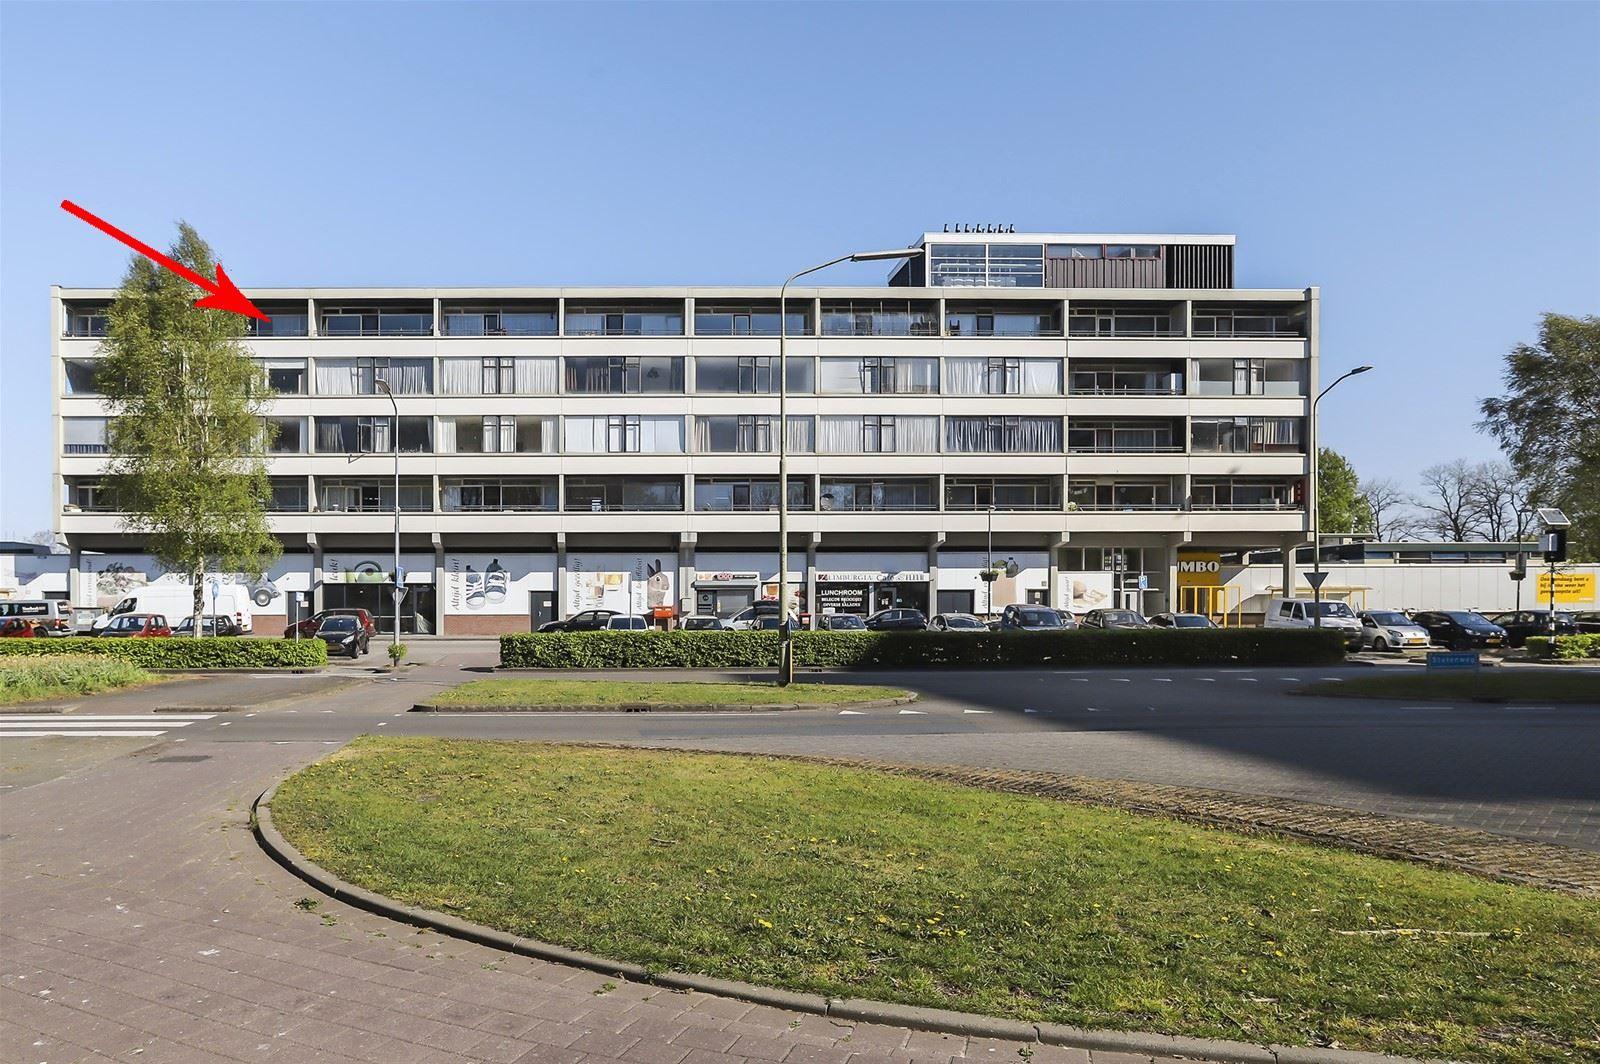 Statenweg, Emmen